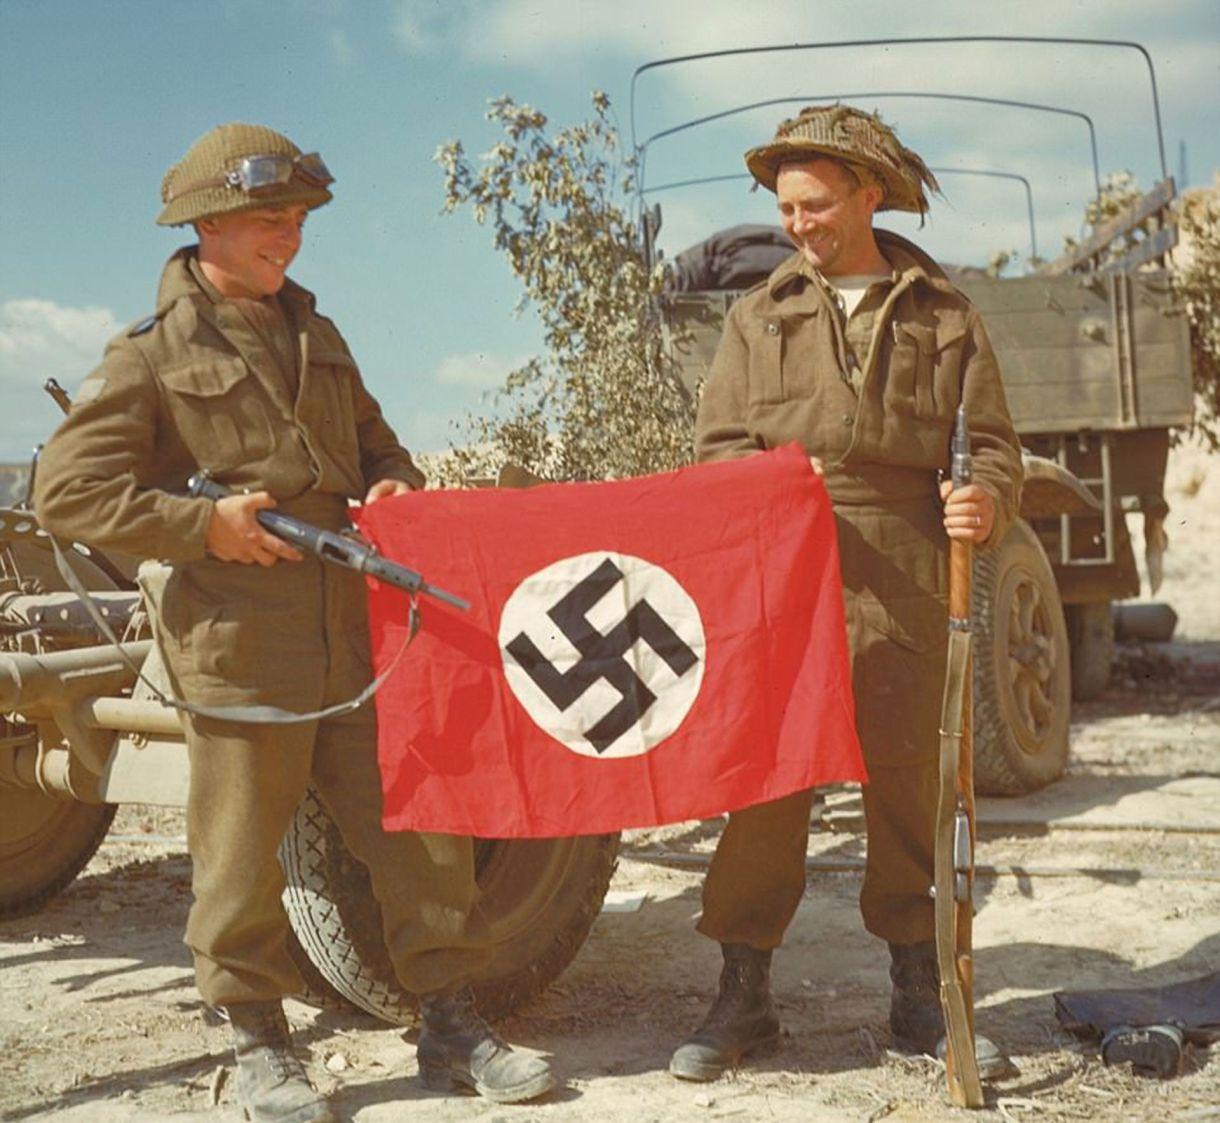 Dos soldados canadienses tras capturar una bandera nazi (National Archives of Canada)